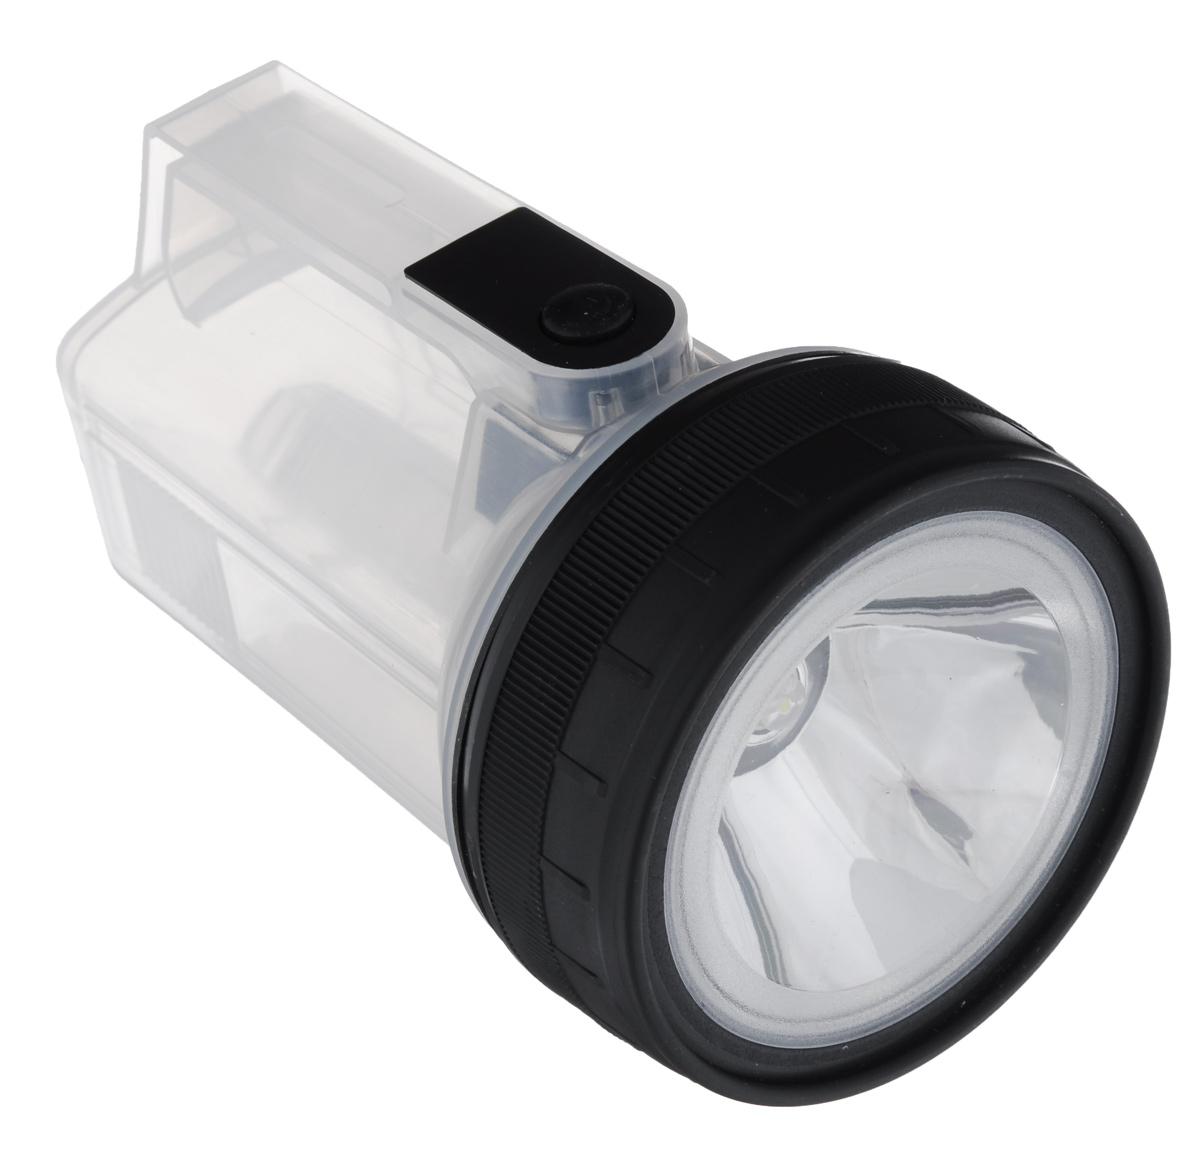 Фонарь ручной ЭРА F15, цвет: черный, серыйXL-900Светодиодный фонарь 3в1:фонарь - светодиод 0.5Wсветильник - 3 белых LEDаварийный маяк - красный LED3xLR03(AAA) - в комплект не входят. 66 лм